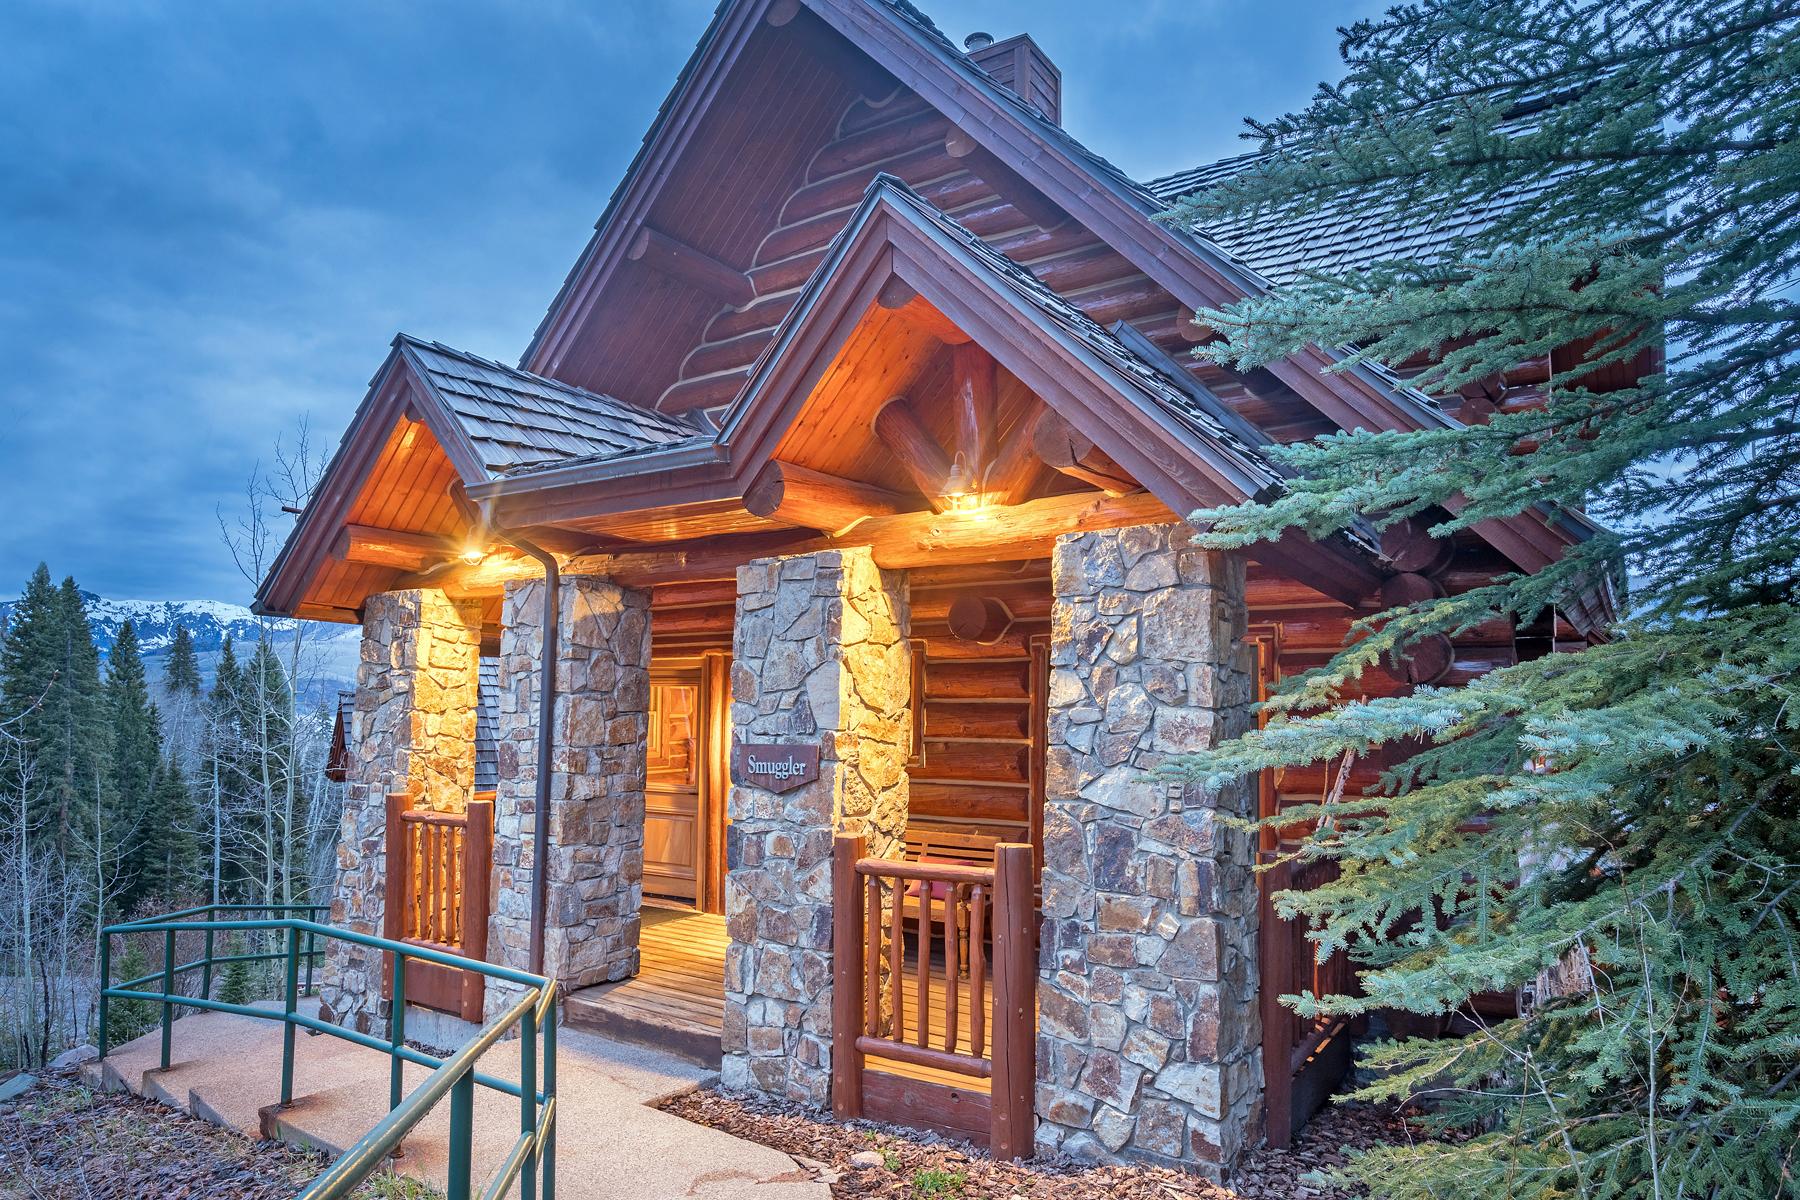 Condomínio para Venda às Mountian Lodge - Smuggler Cabin 7 457 Mountain Village Blvd., Unit 7 Telluride, Colorado, 81435 Estados Unidos